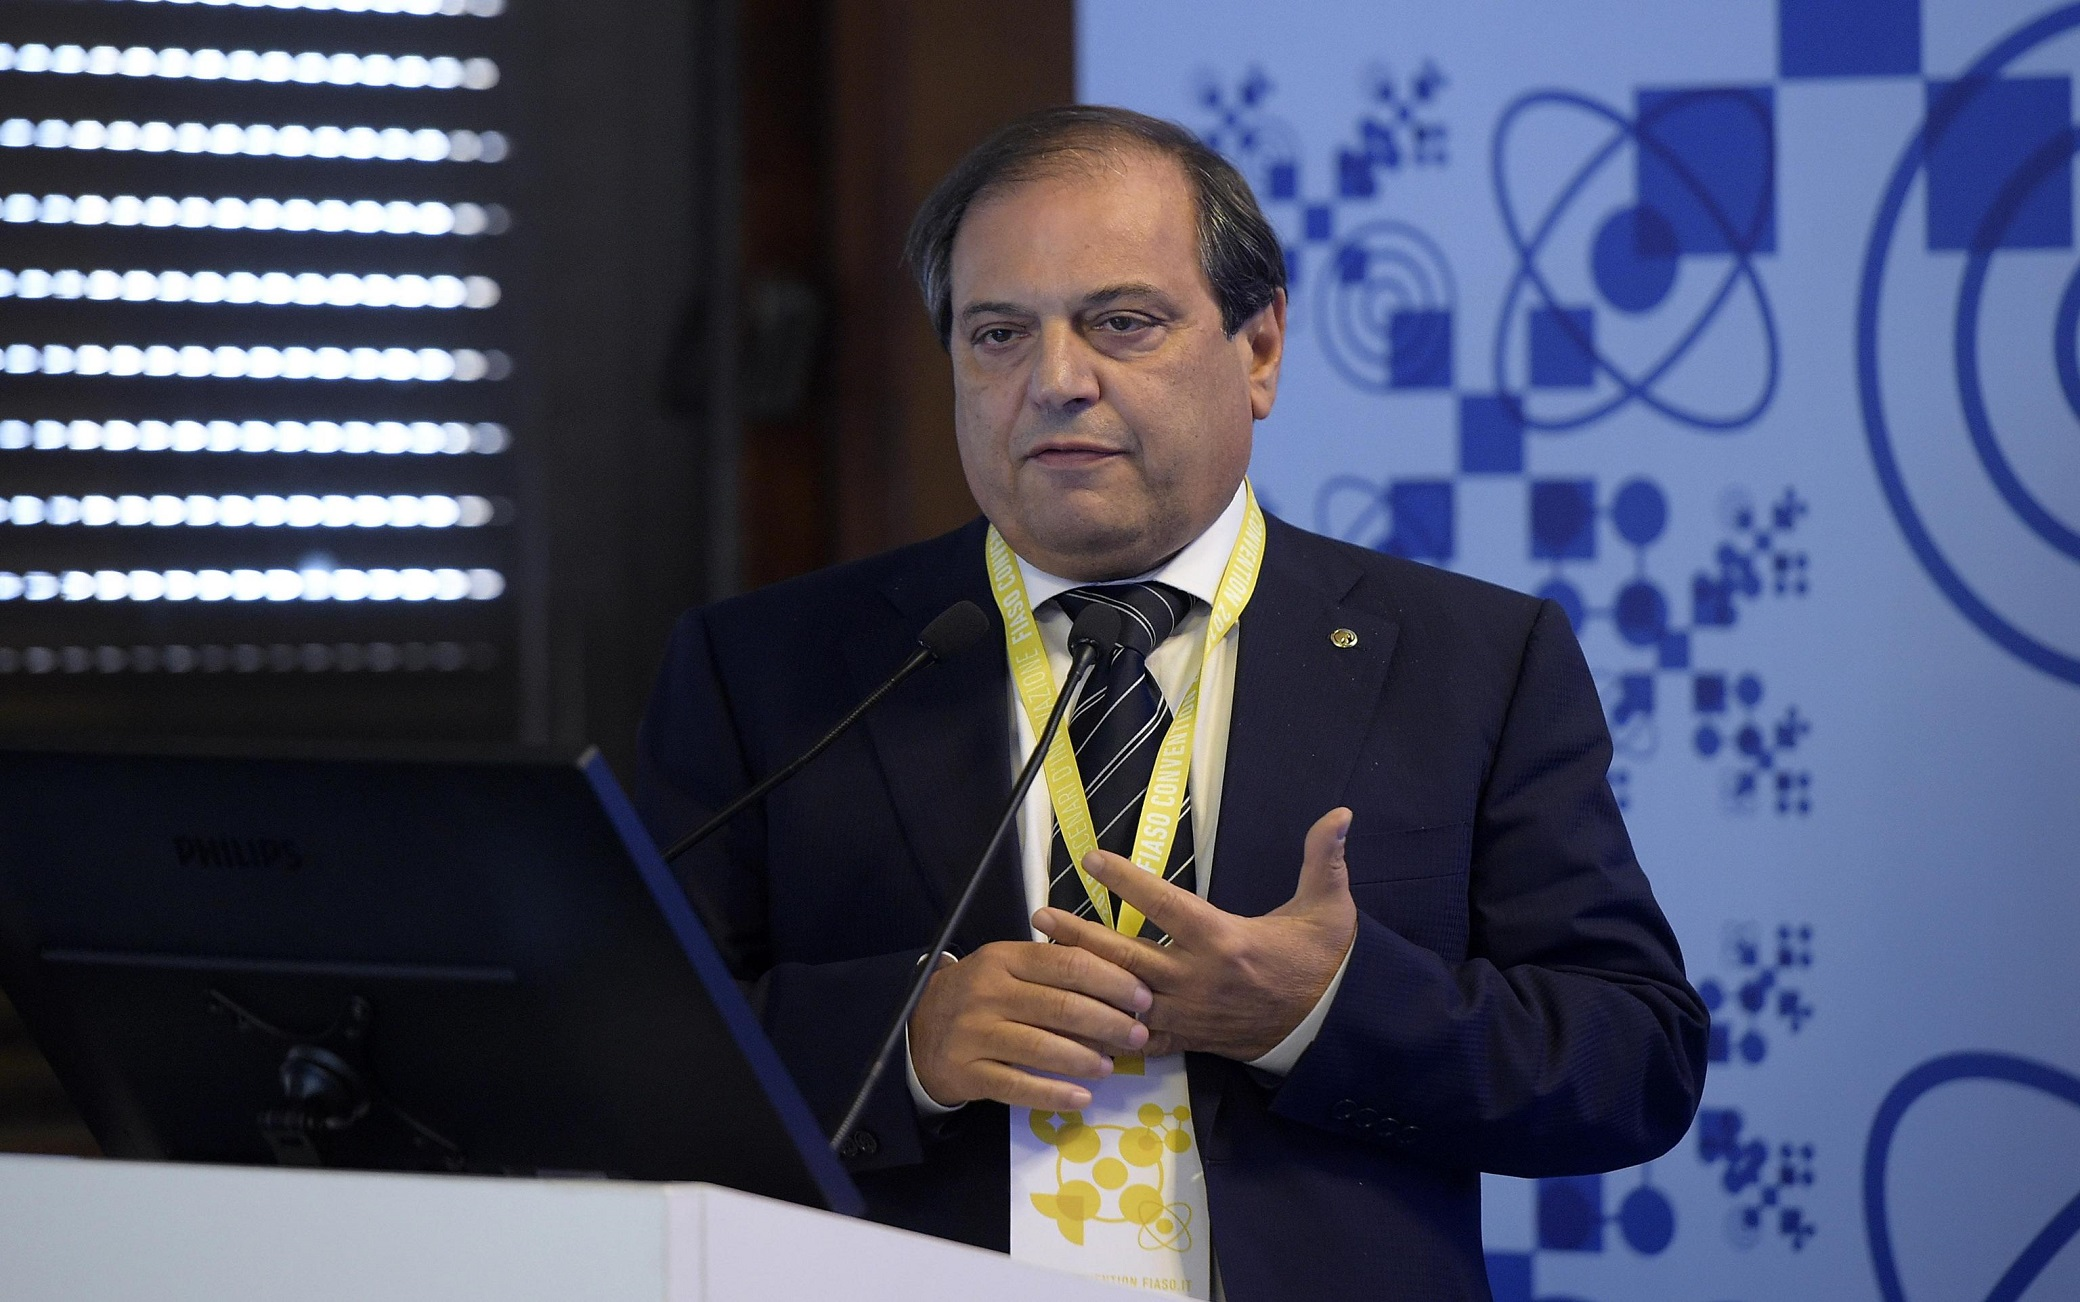 Filippo Anelli durante la Convention Fiaso 2018 a Palazzo dei Congressi all'Eur, Roma 08 Novembre 2018. ANSA / LUIGI MISTRULLI